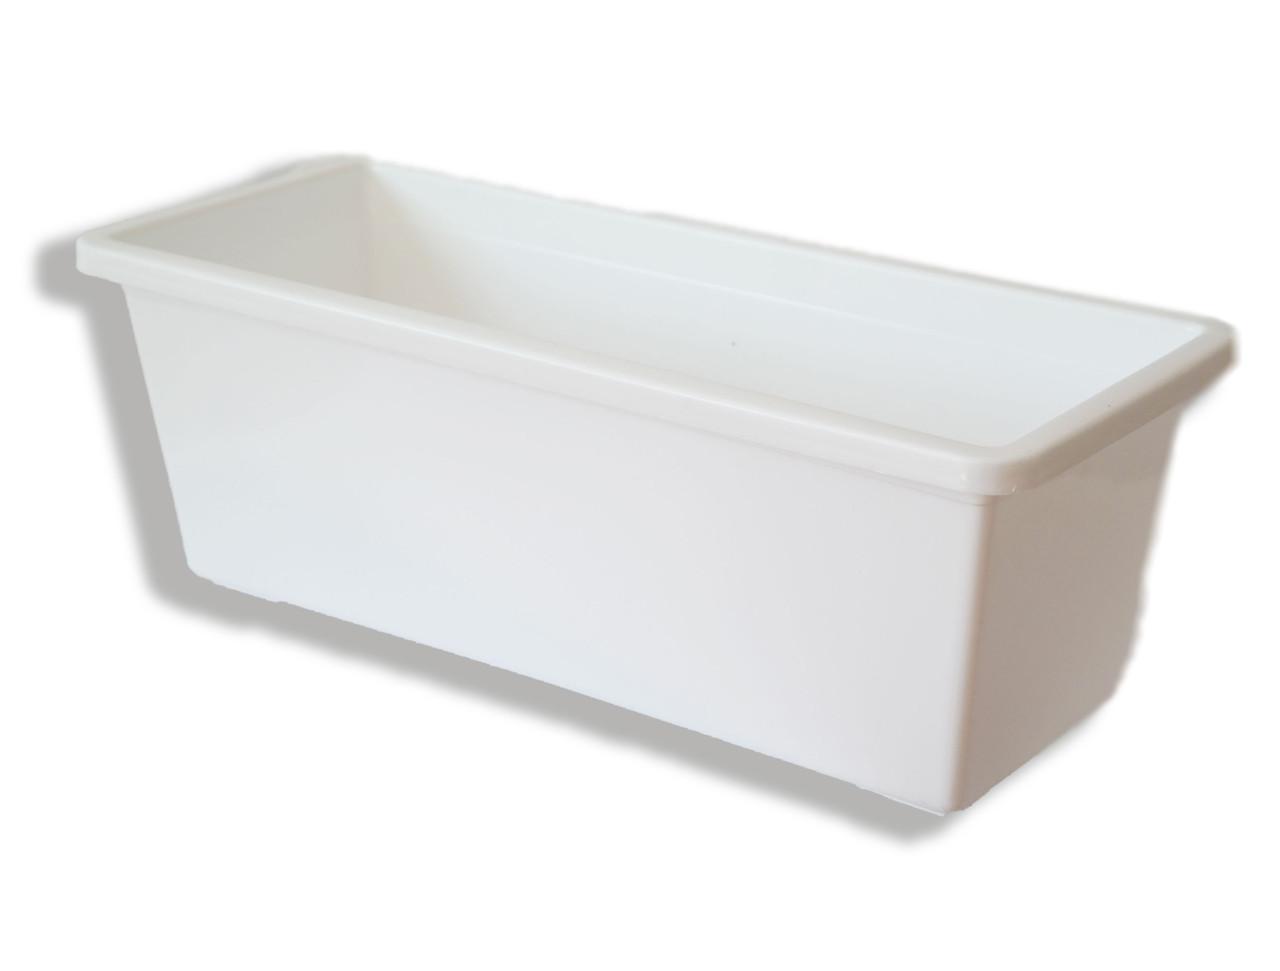 Ящик балконний для квітів , 40 см, БІЛИЙ, ММ